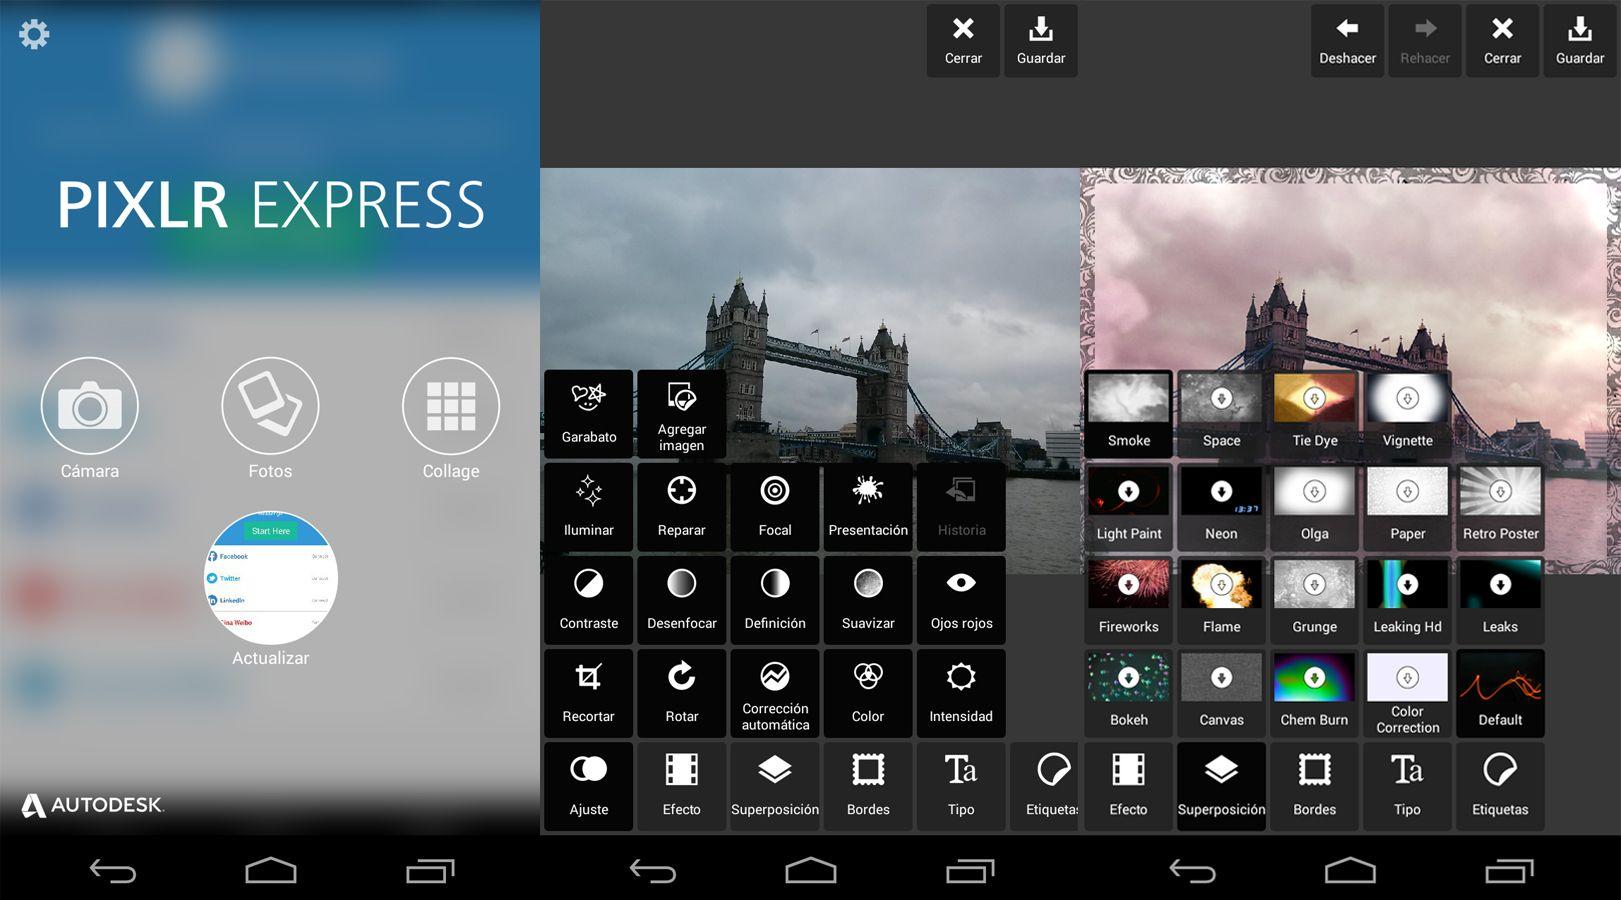 interfaz pixlr express